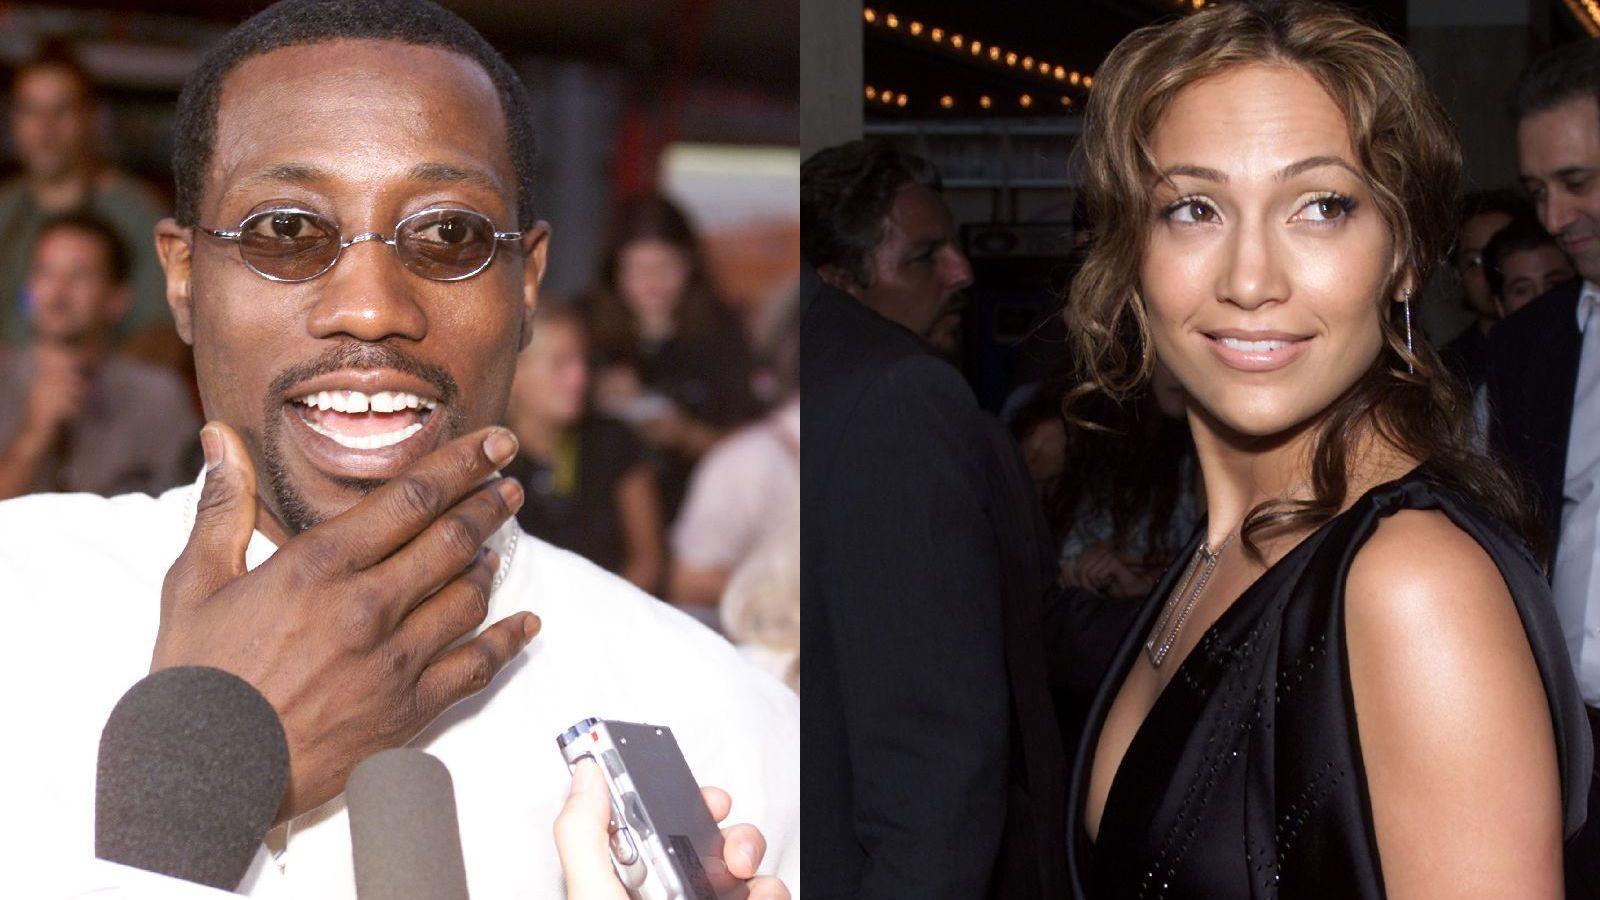 ...Jennifer Lopez is. A dögös latináért versengtek a pasik: egész Hollywood ledöbbent, mikor bejelentette, hogy eljegyezték egymást... (Getty Images)